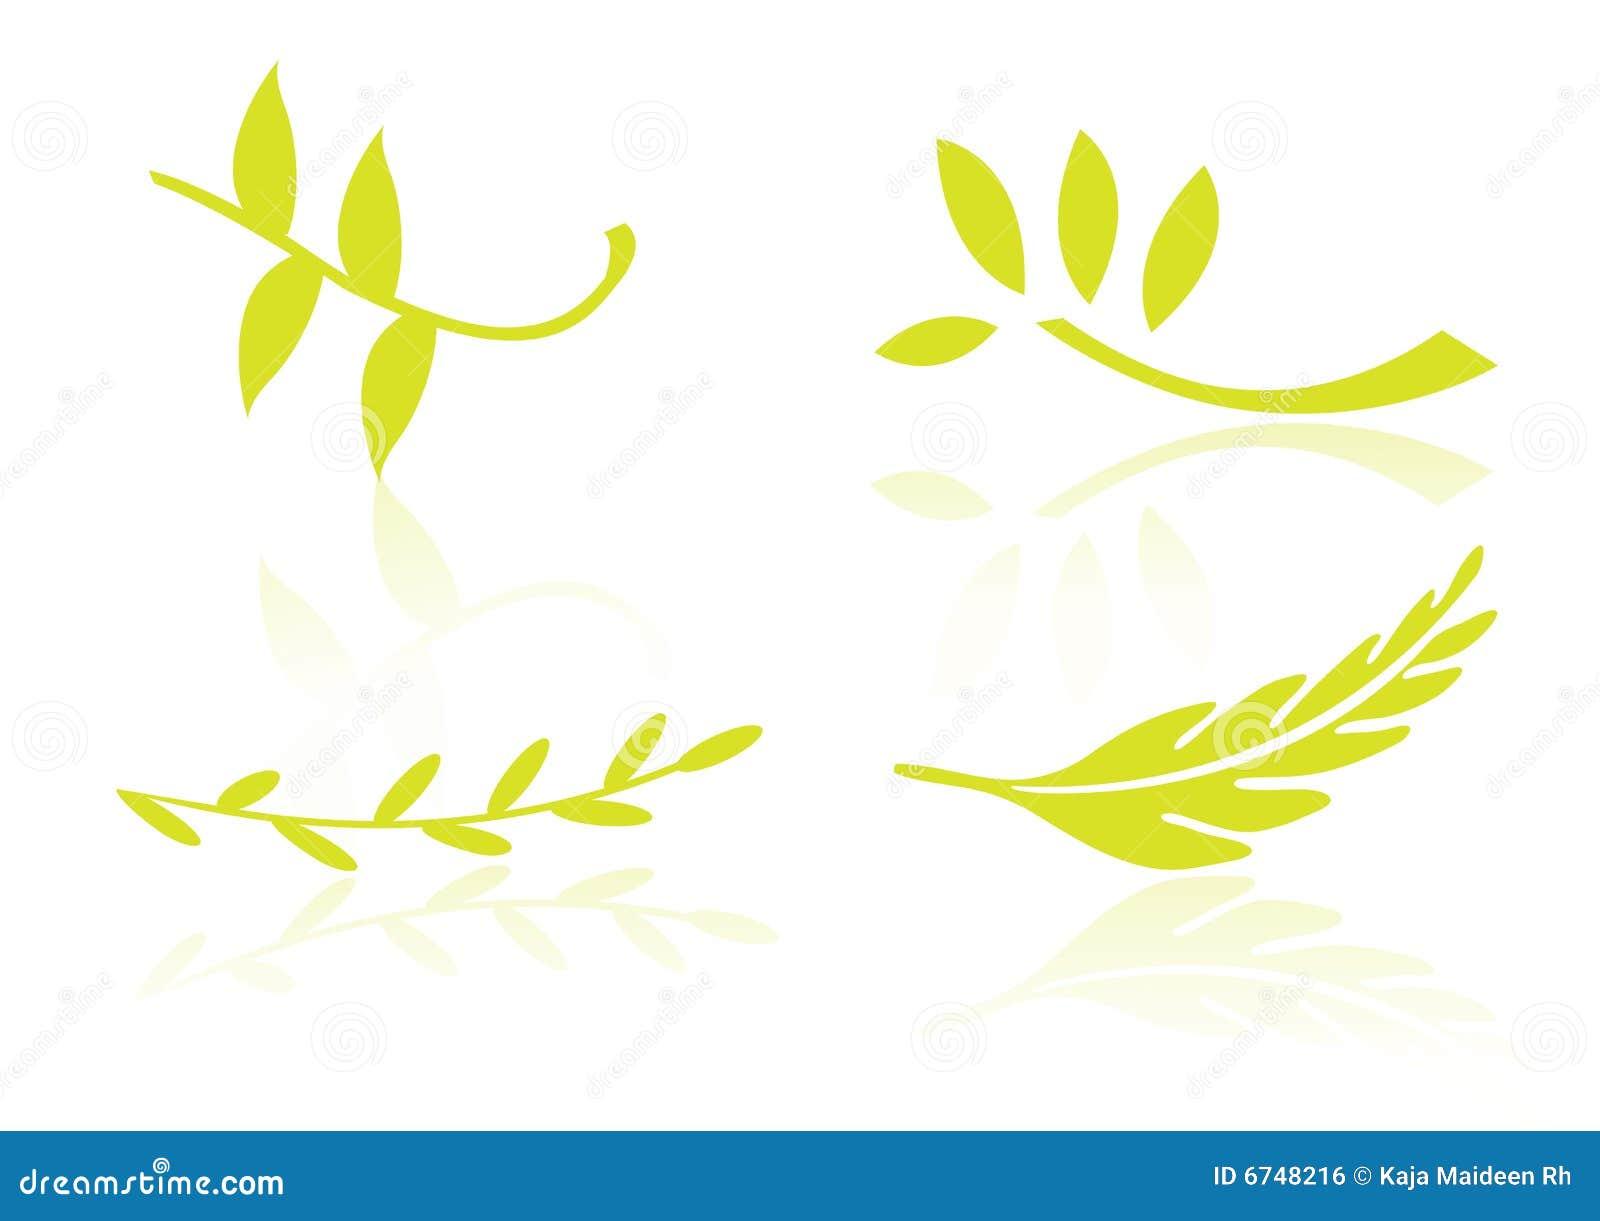 要素叶子徽标向量